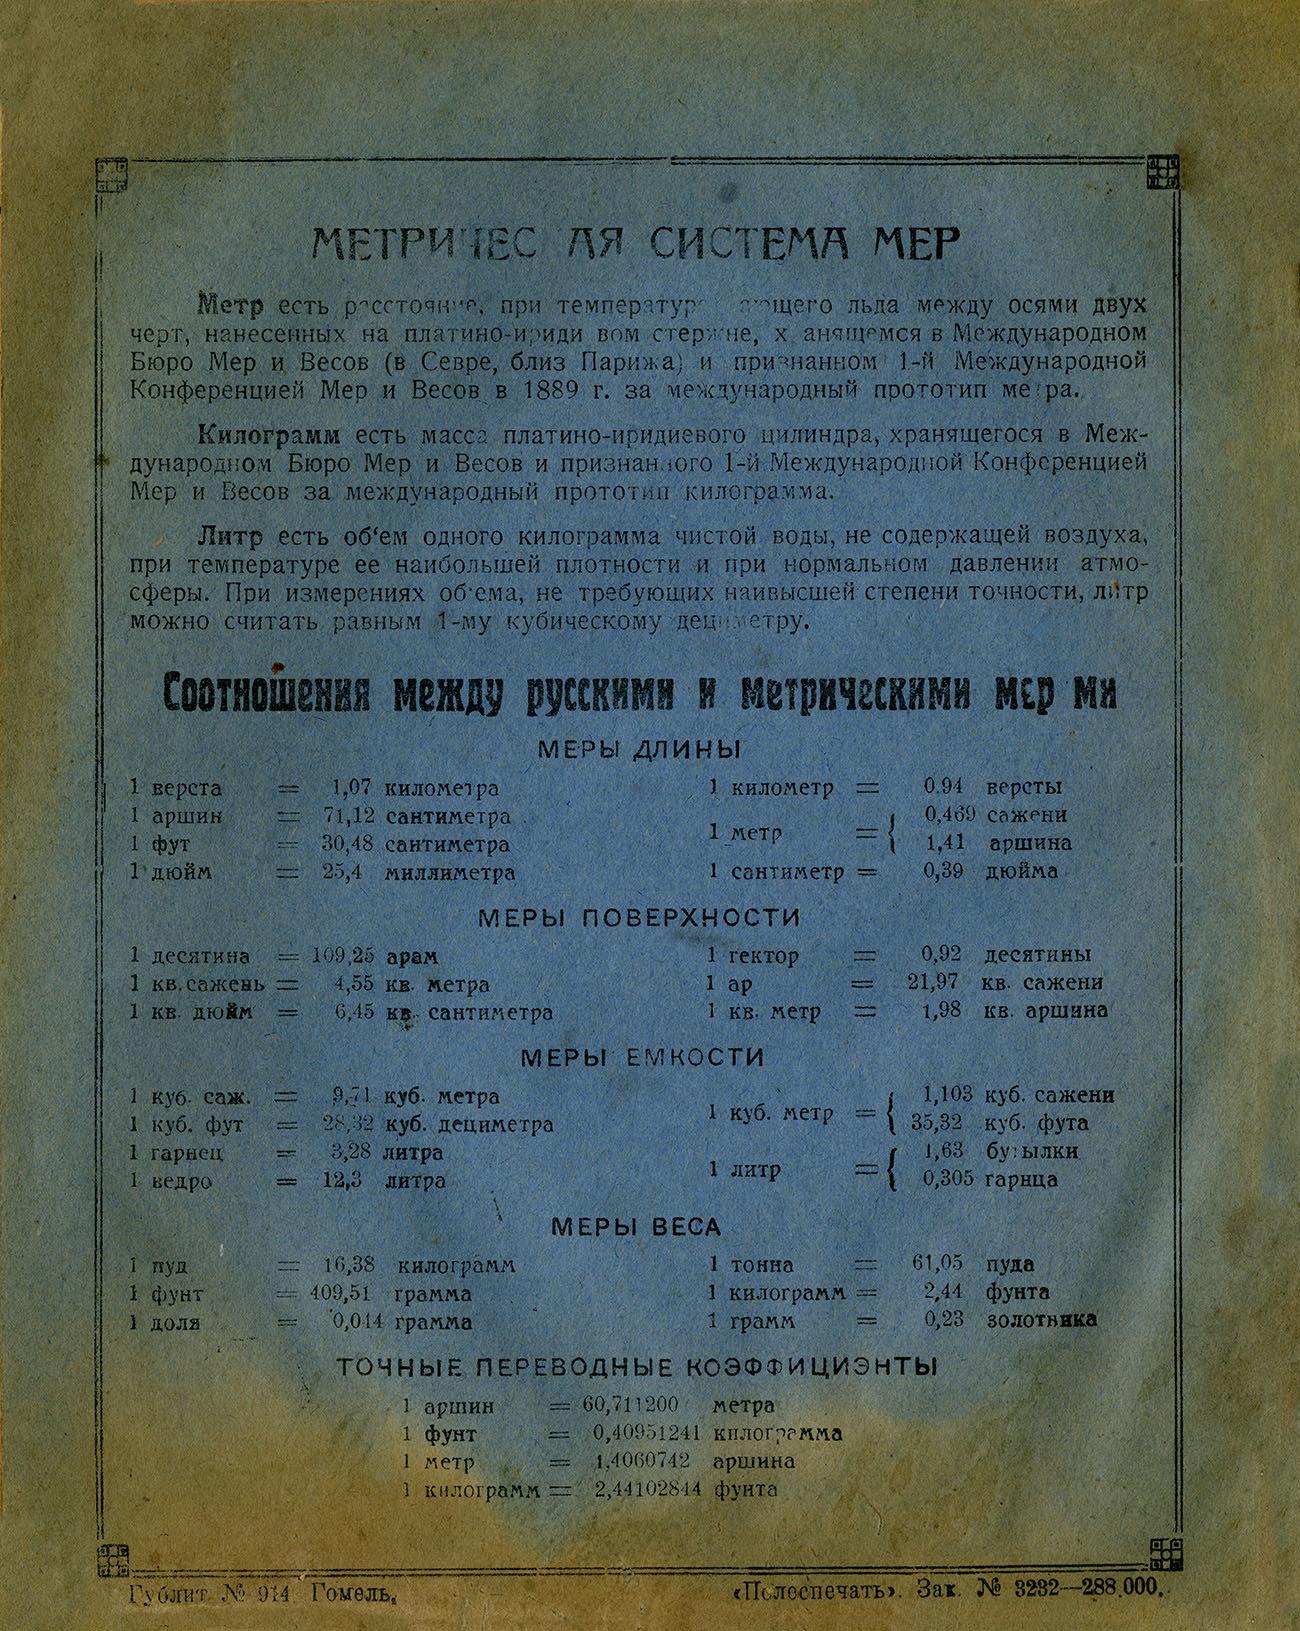 Тетрадь Крупская, вероятно 1929, Гомель, оборот